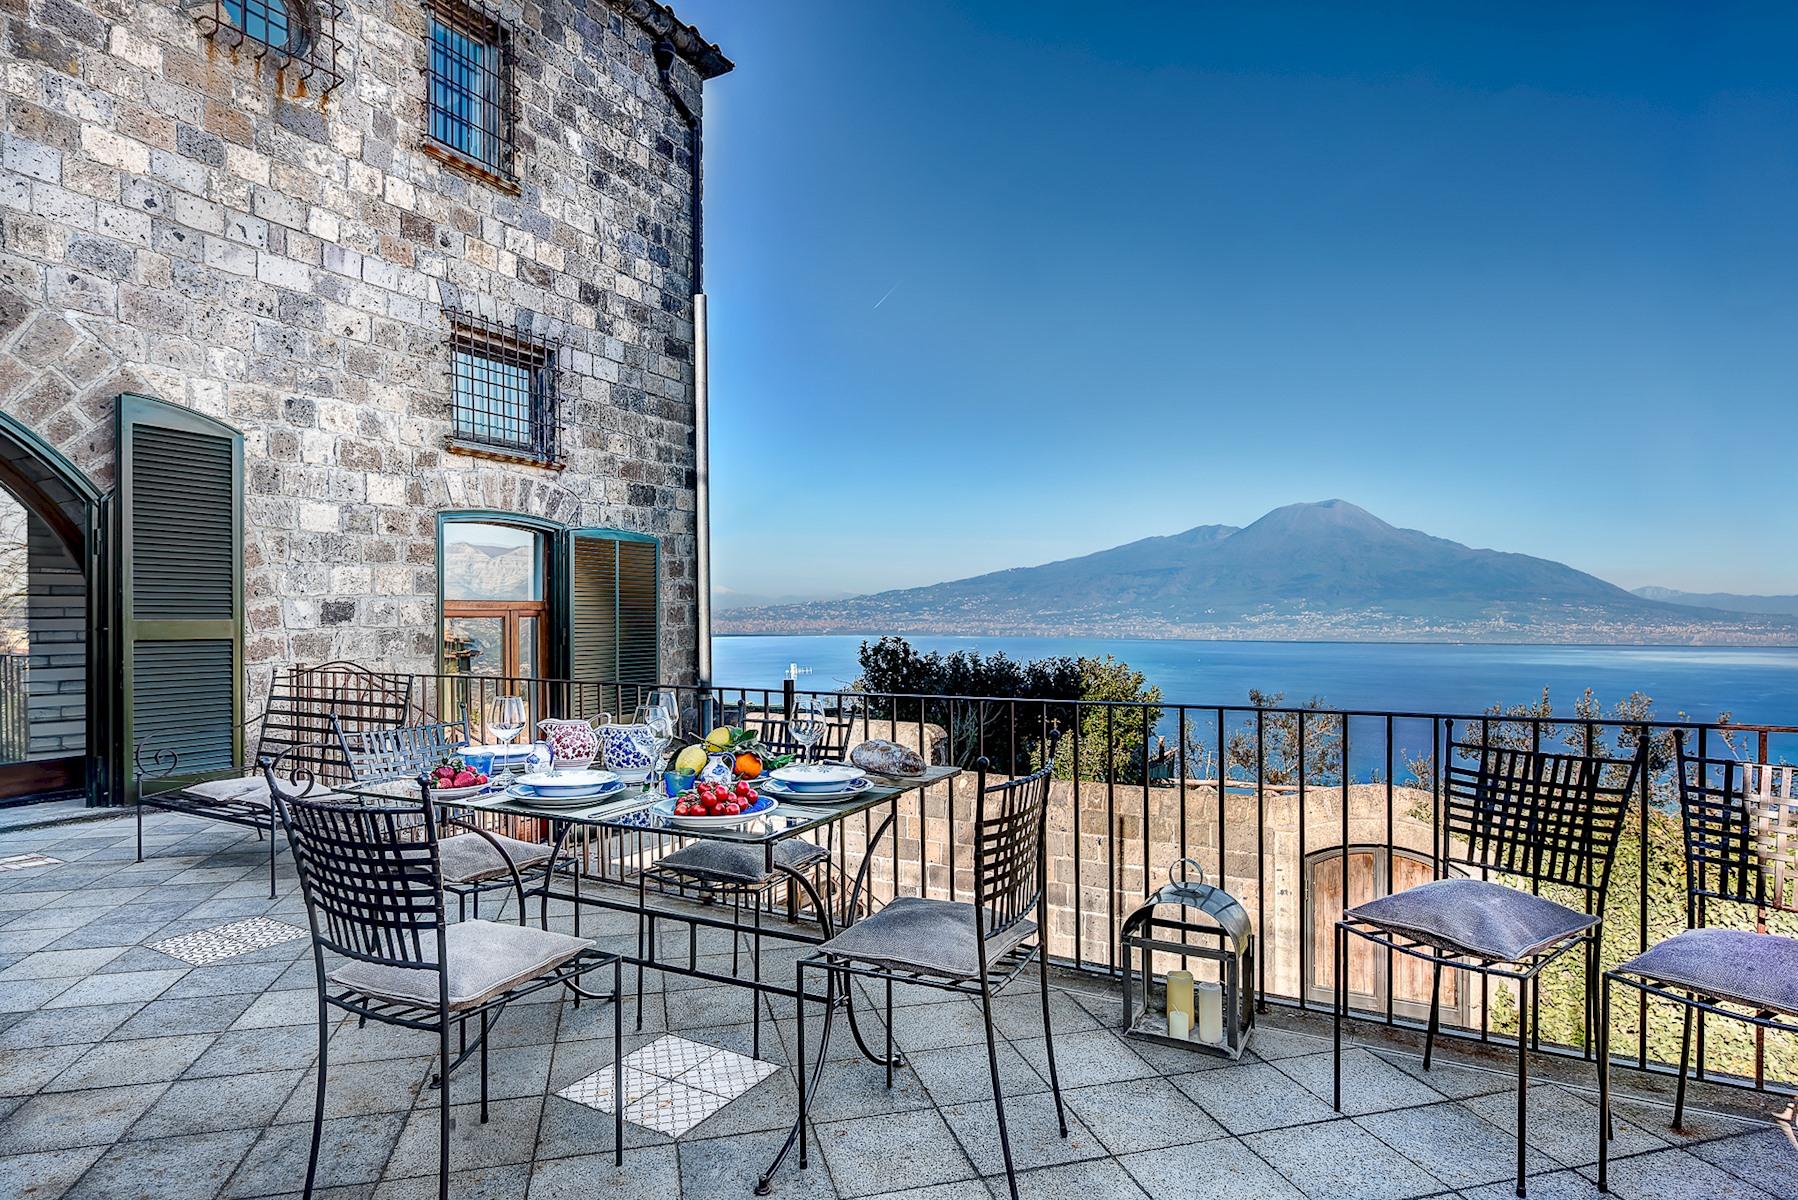 Apartment Villa Vesuvio - Luxury and Beauty photo 25035350